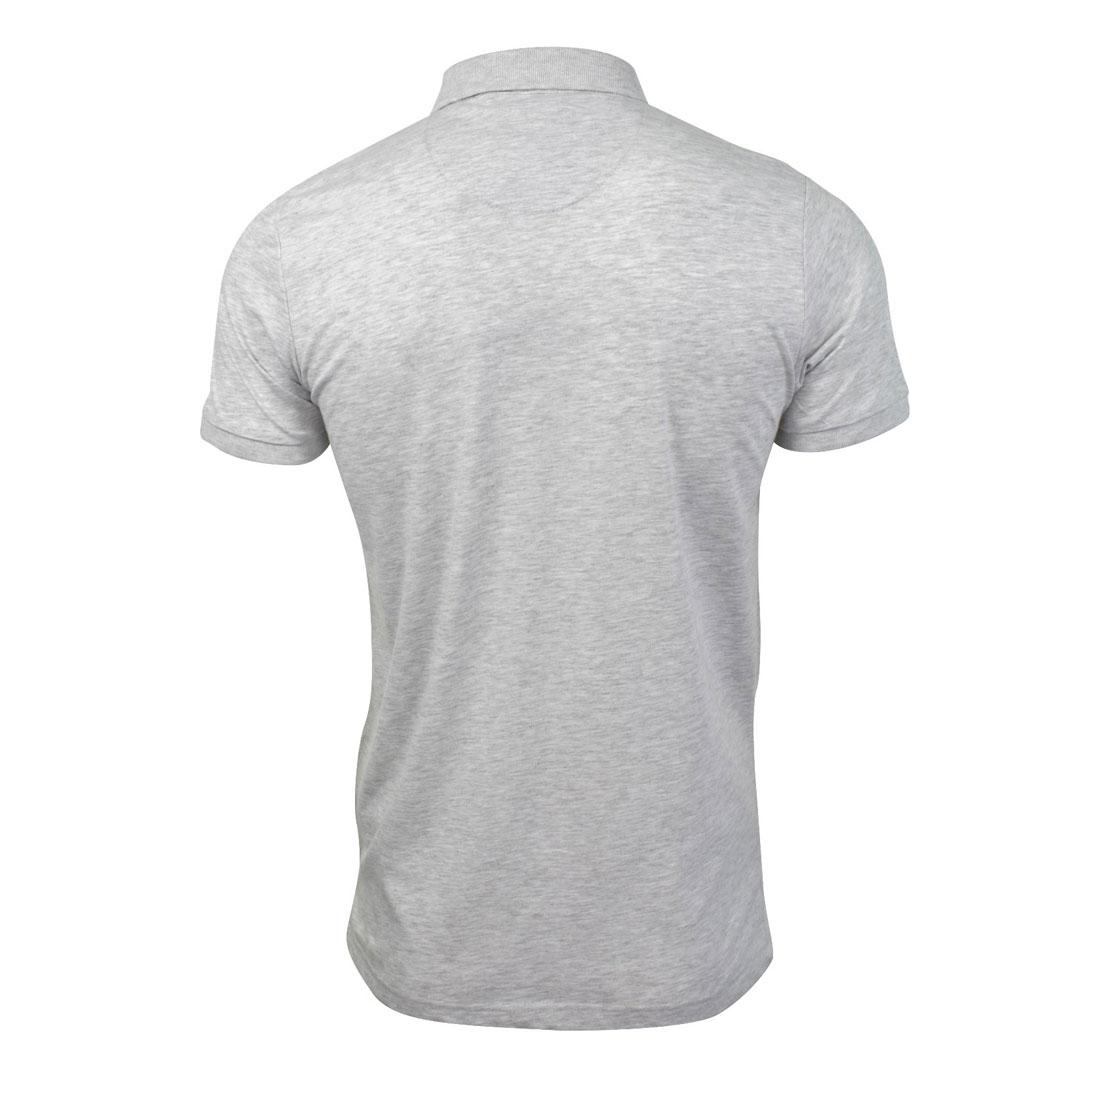 Brave-Soul-Hommes-Polo-T-Shirt-034-Julius-039-S-Coton-A-Col-Manches-Courtes-Haut-Decontracte miniature 7